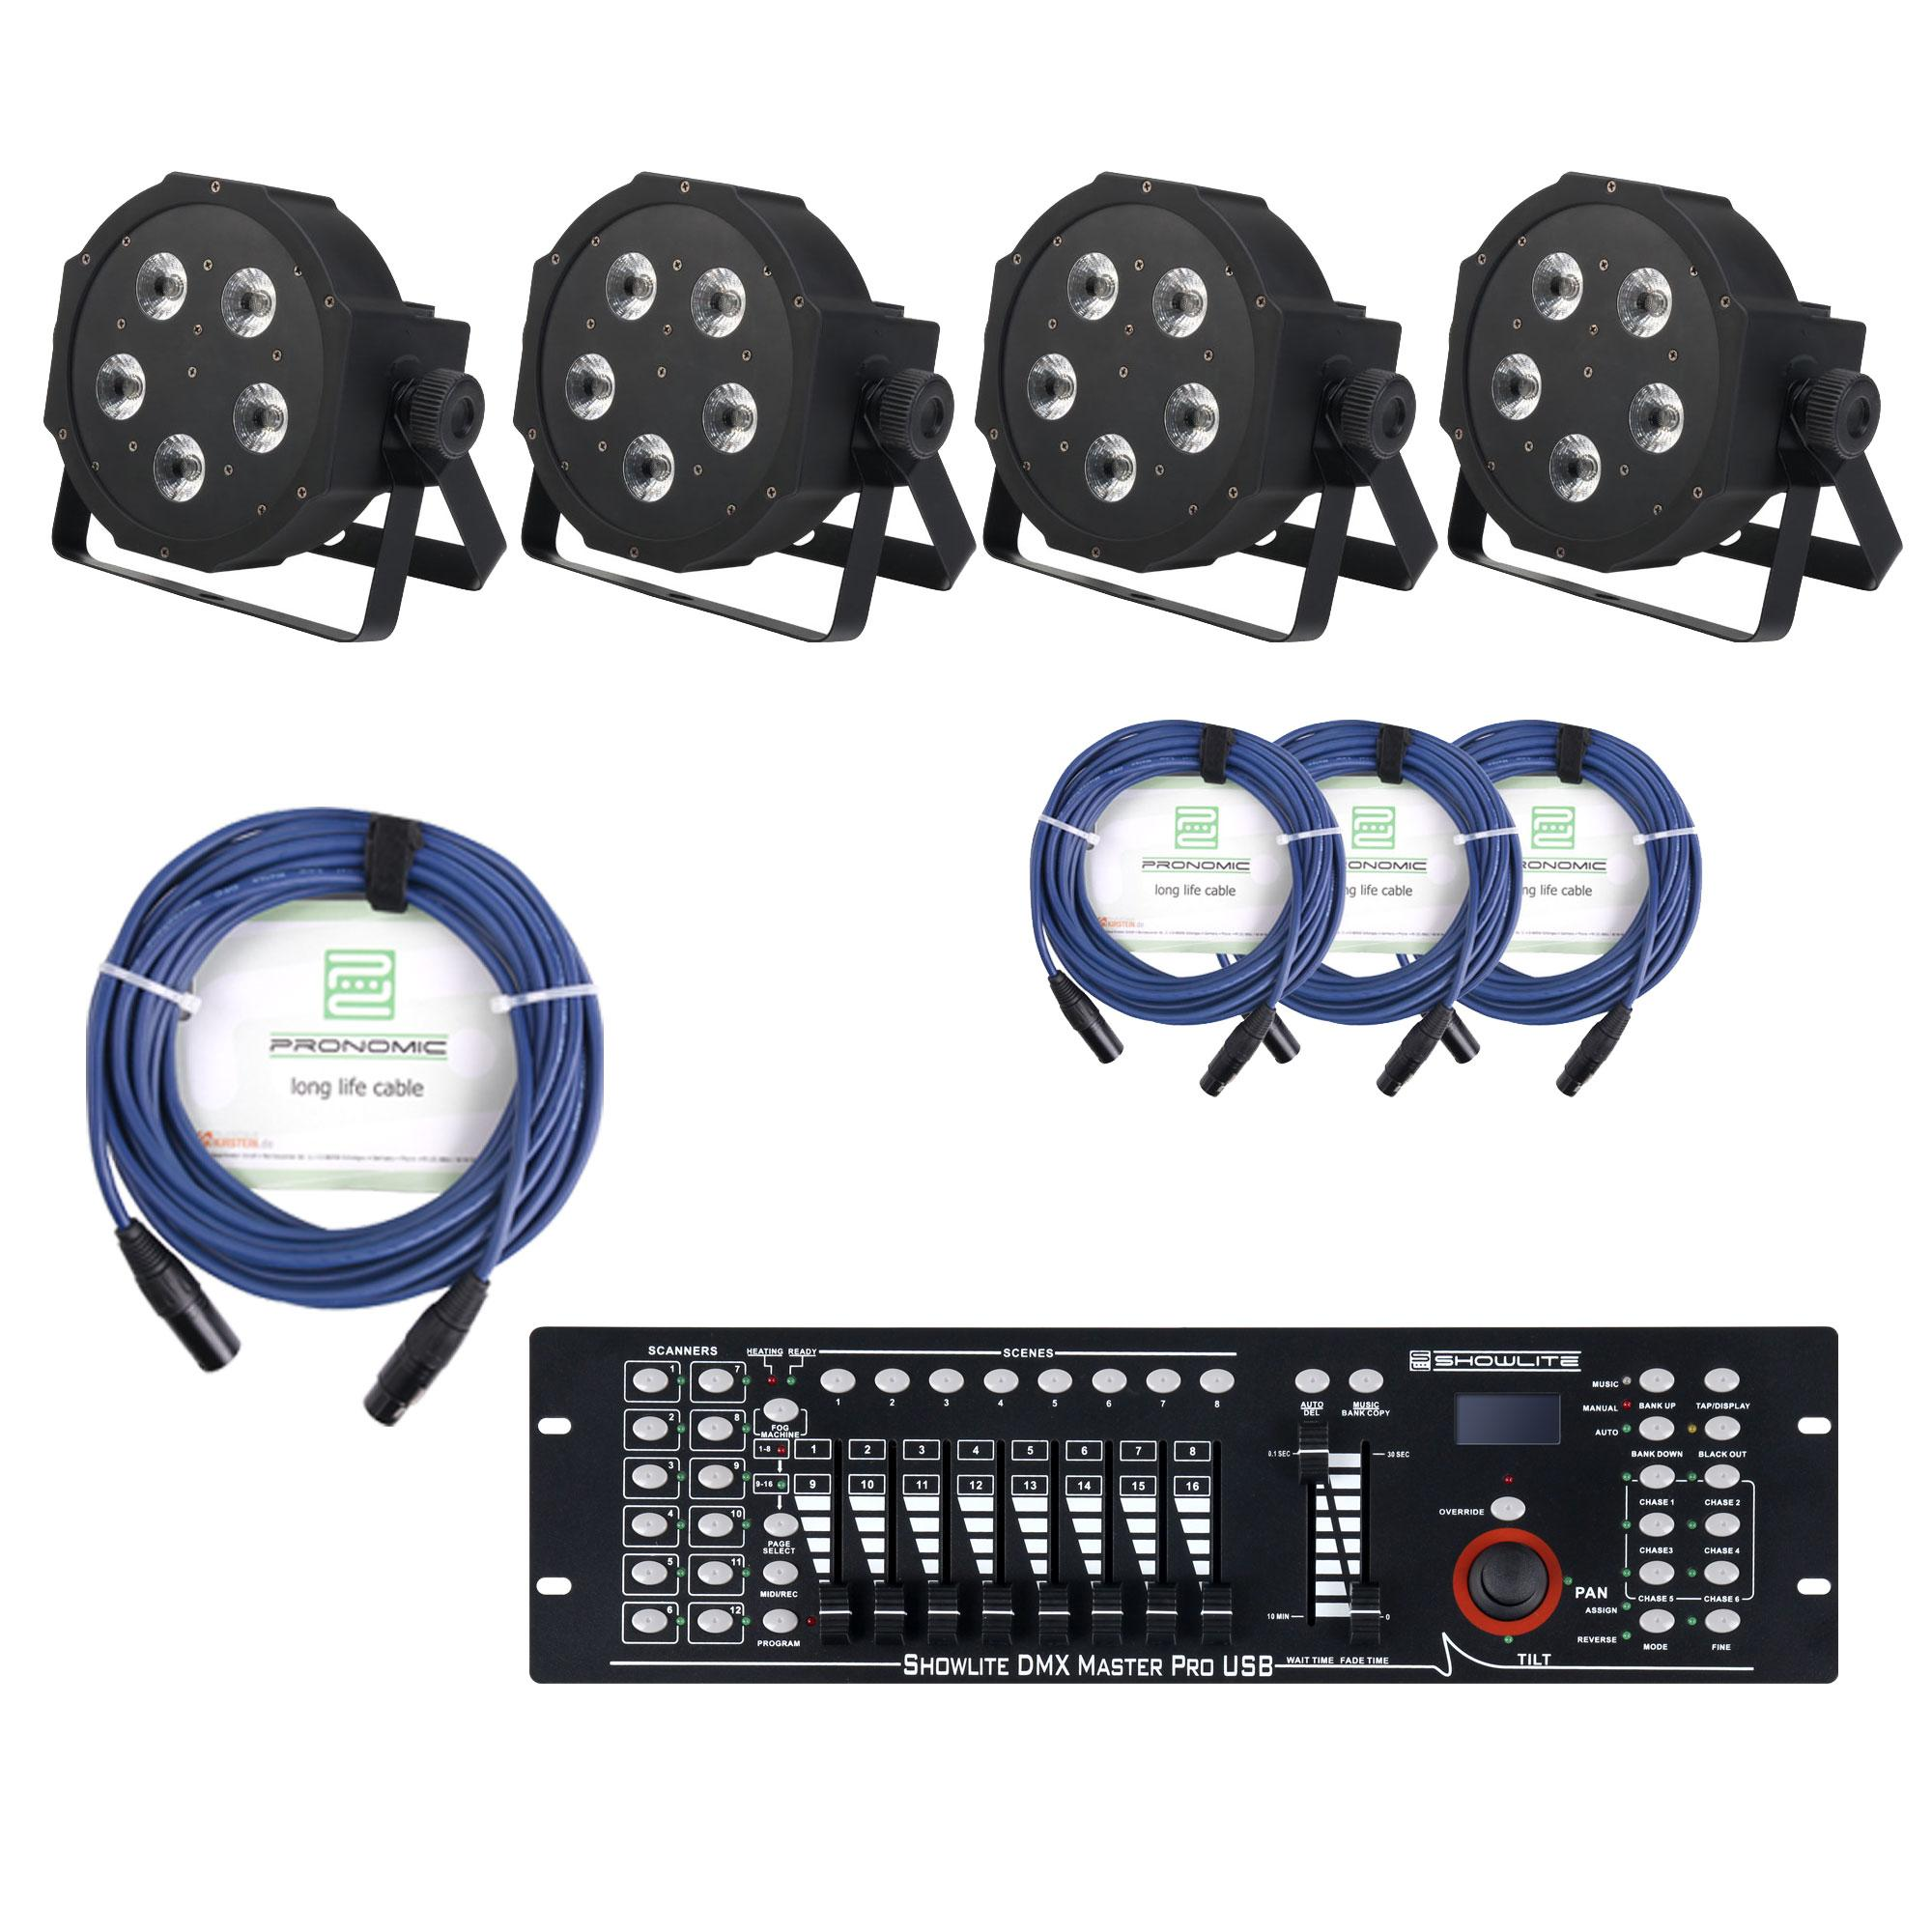 Showlite FLP 5x8W Scheinwerfer 4 x SET inkl. DMX Controller Master Pro USB Kabel